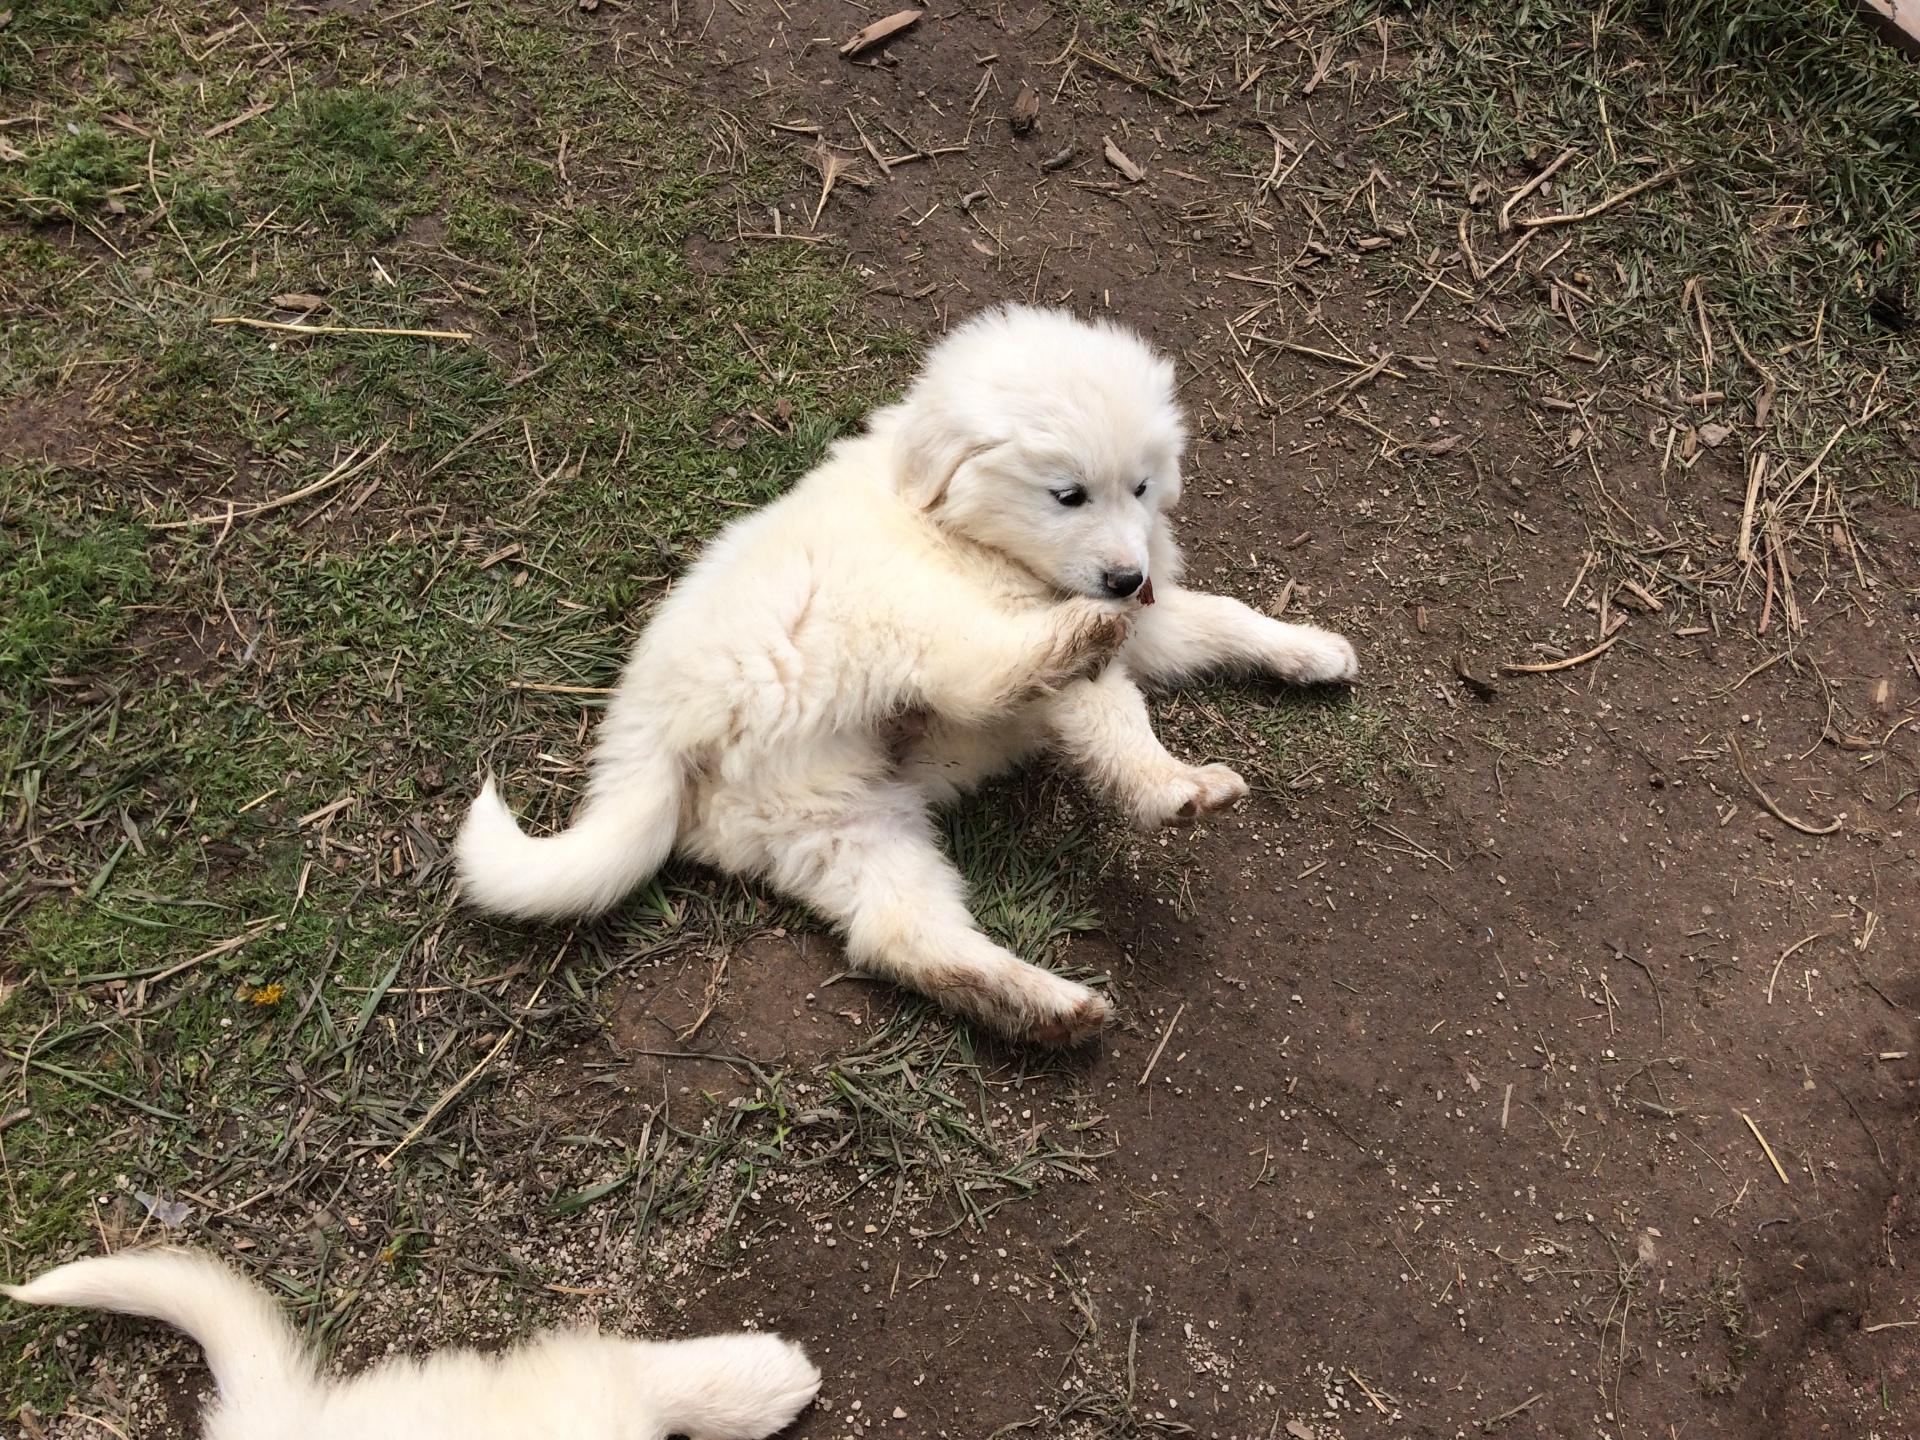 Tayla's puppy - 6 wks